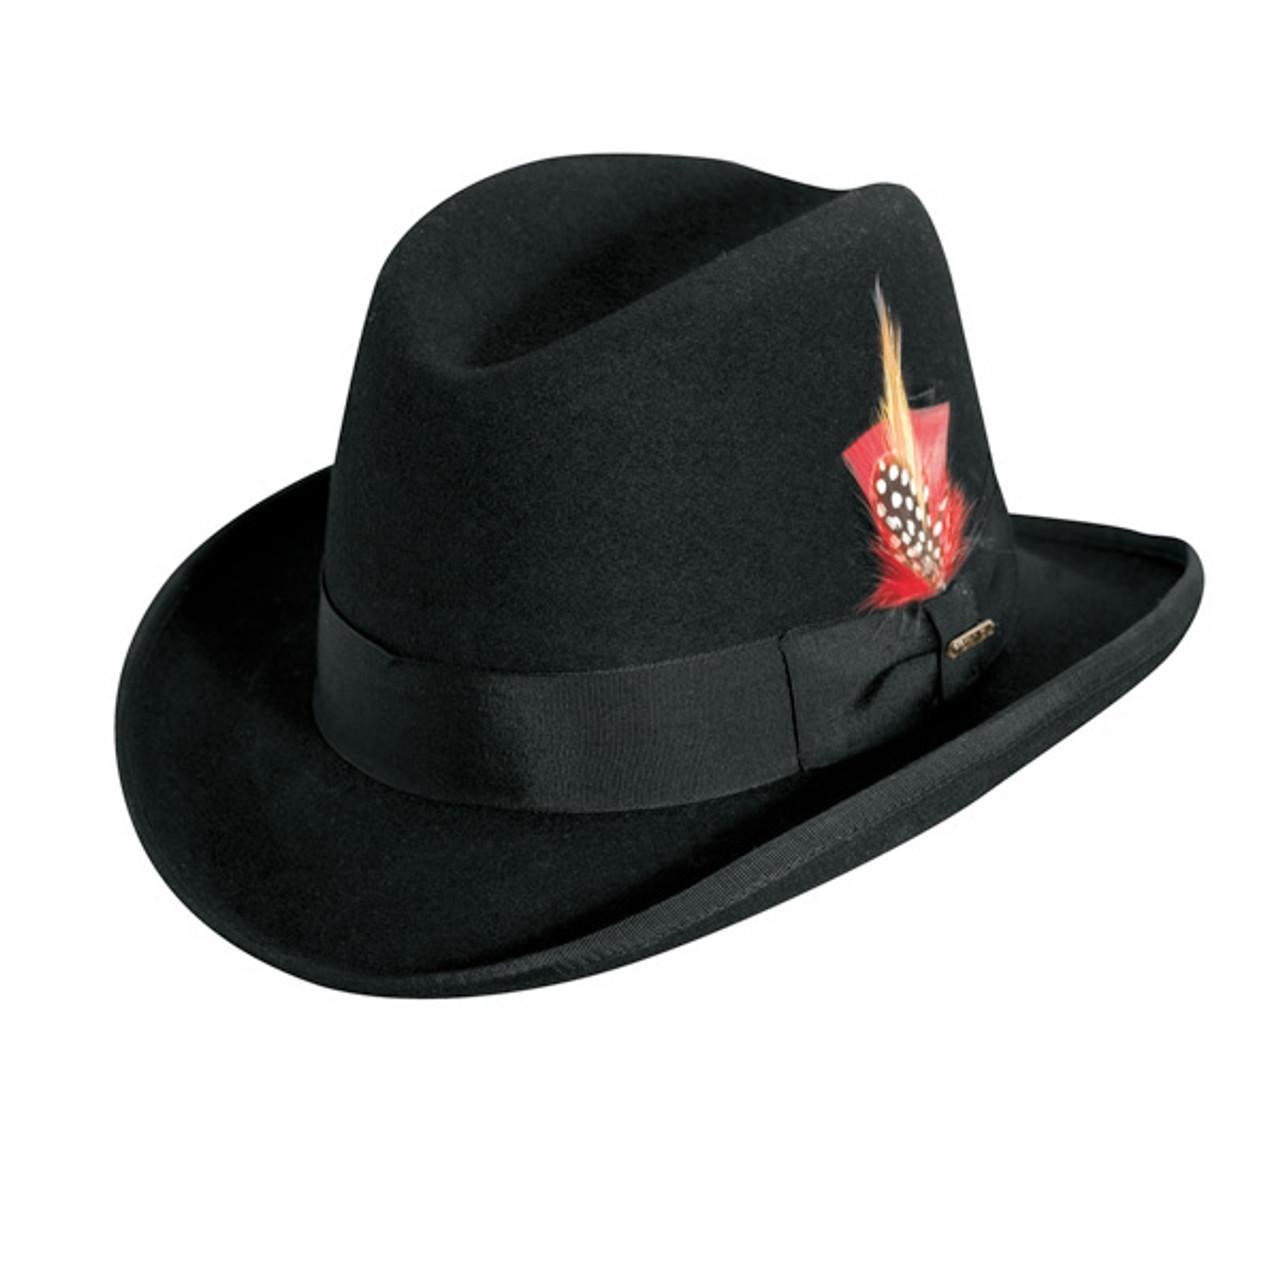 Mens Wool Felt Godfather Fedora Hat Black Large//XLarge